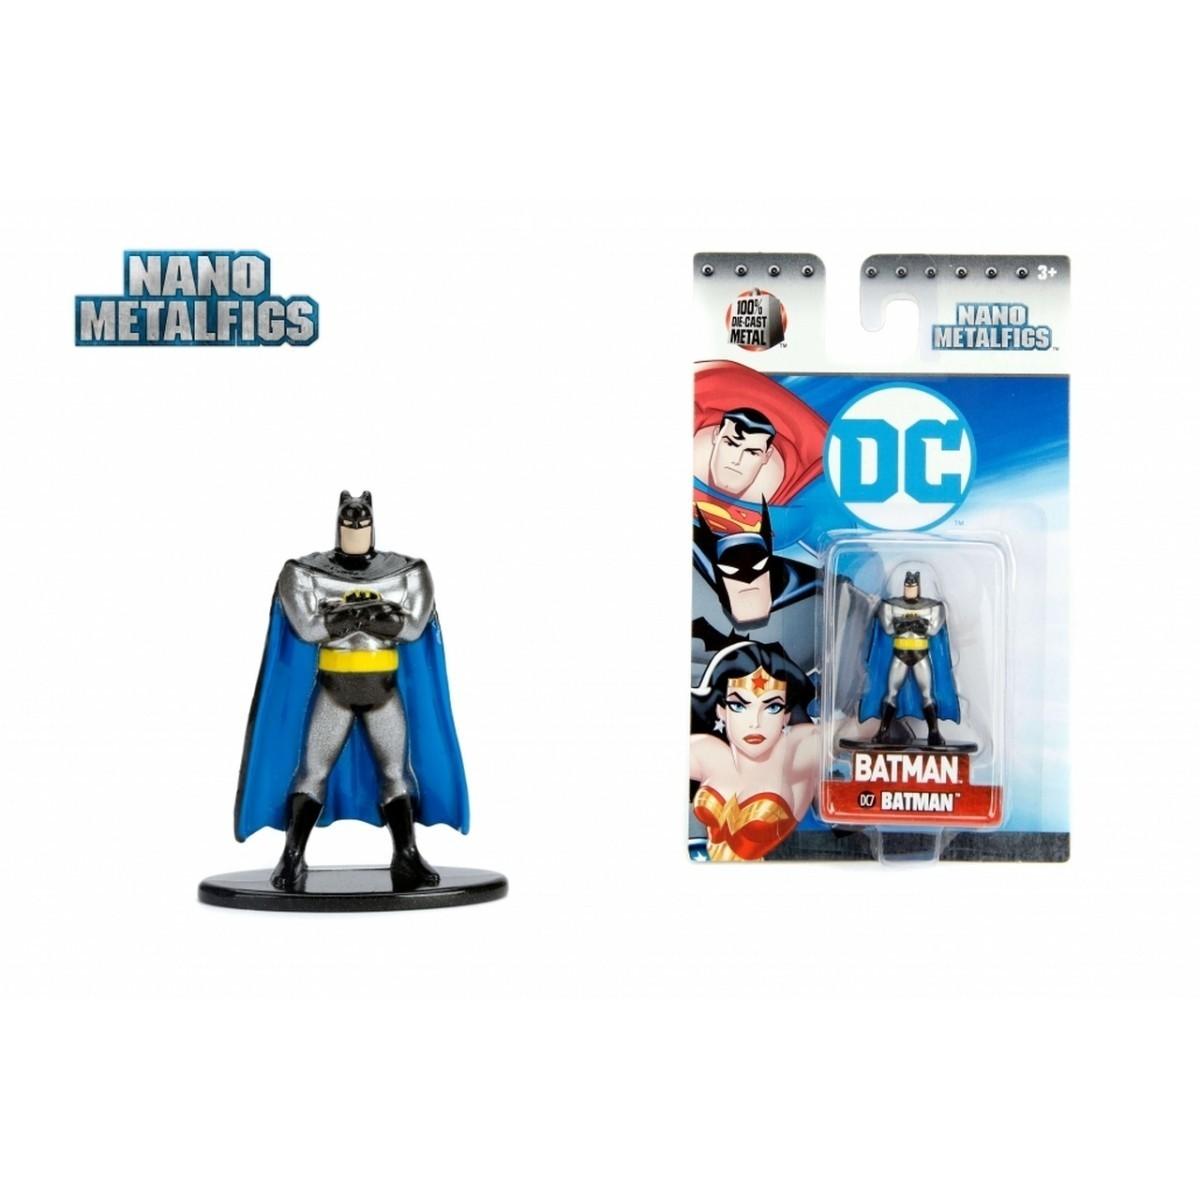 Nano Metalfigs: Batman: DC Comics (DC7) - Jada Toys